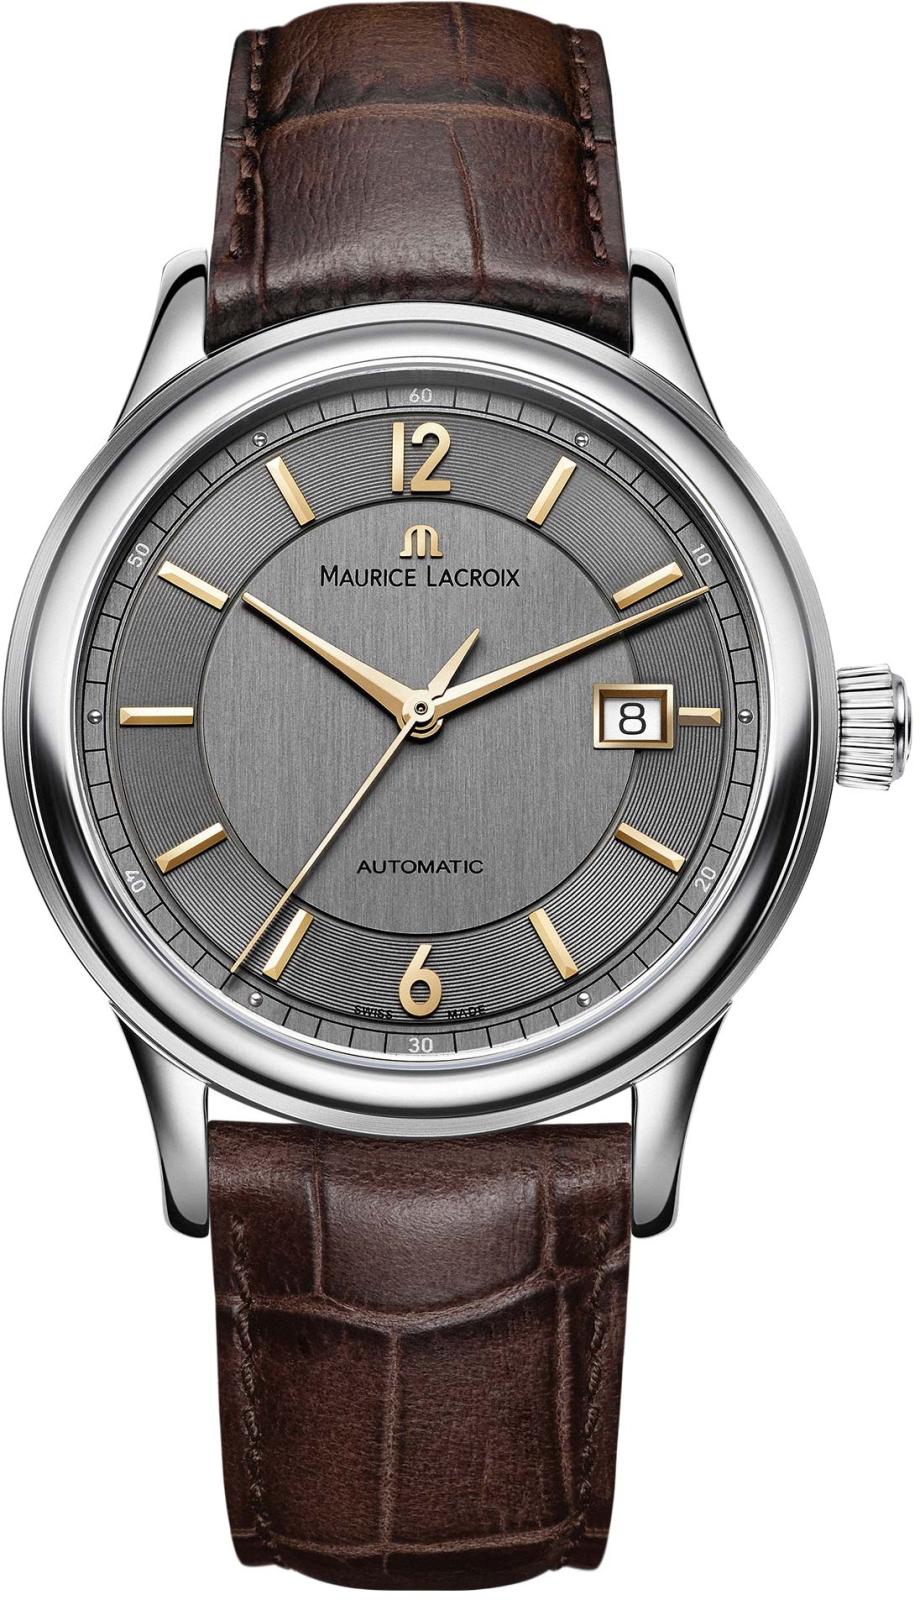 Maurice Lacroix LC6098-SS001-320-2Наручные часы<br>Швейцарские часы Maurice LacroixLes ClassiquesLC6098-SS001-320-2Представленная модель входит в коллекциюLes Classiques. Это мужские часы. Материал корпуса часов — сталь. Циферблат часов защищает сапфировое стекло. Часы этой модели обладают водозащитой 30 м. В этих часах используются такие усложнения как дата. Часы обладают корпусом 40 мм. Механизм ML115 - механический с модулем автоподзавода, 28 800 полуколебаний/час, запас хода 38 часов.<br><br>Для кого?: Мужские<br>Страна-производитель: Швейцария<br>Механизм: Механический<br>Материал корпуса: Сталь<br>Материал ремня/браслета: Кожа<br>Водозащита, диапазон: 20 - 100 м<br>Стекло: Сапфировое<br>Толщина корпуса: None<br>Стиль: Классика